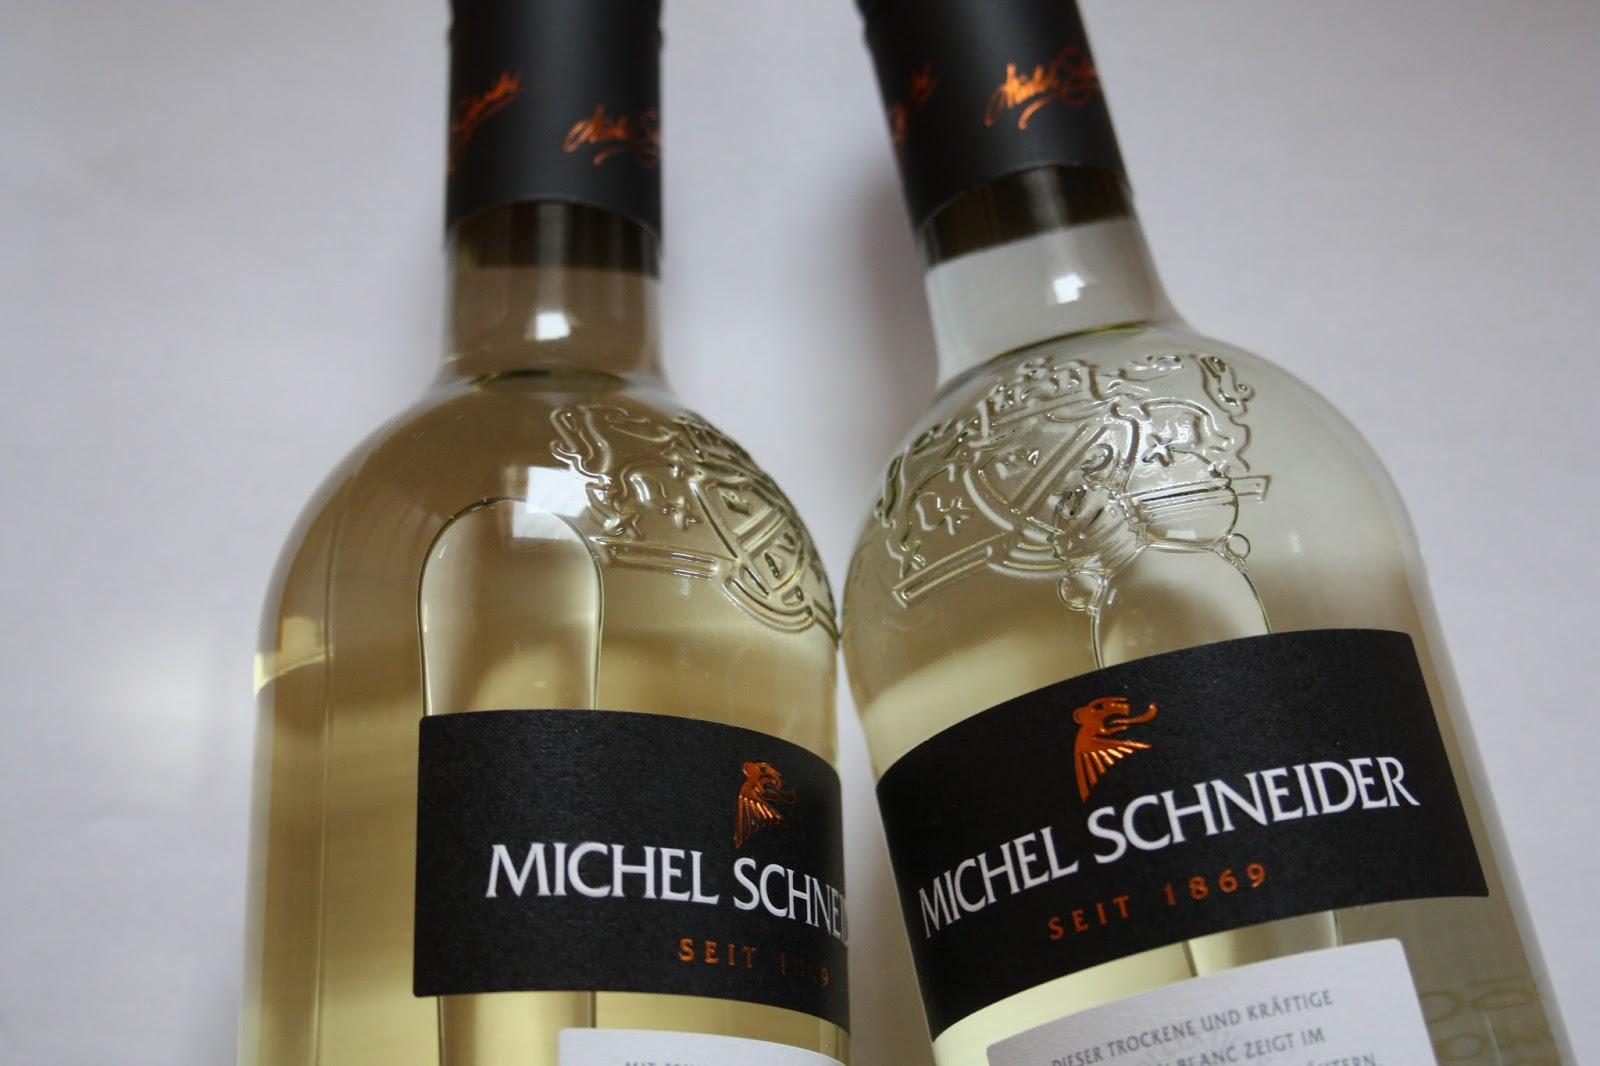 Test it!: Produkttest Nr. 626 Michel Schneider Weine